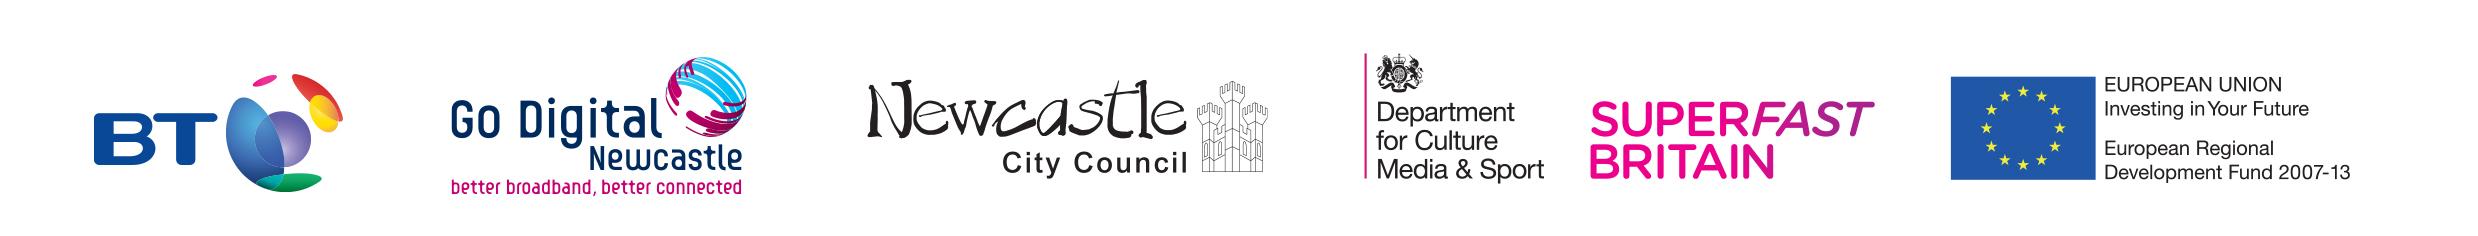 Go Digital Newcastle logos